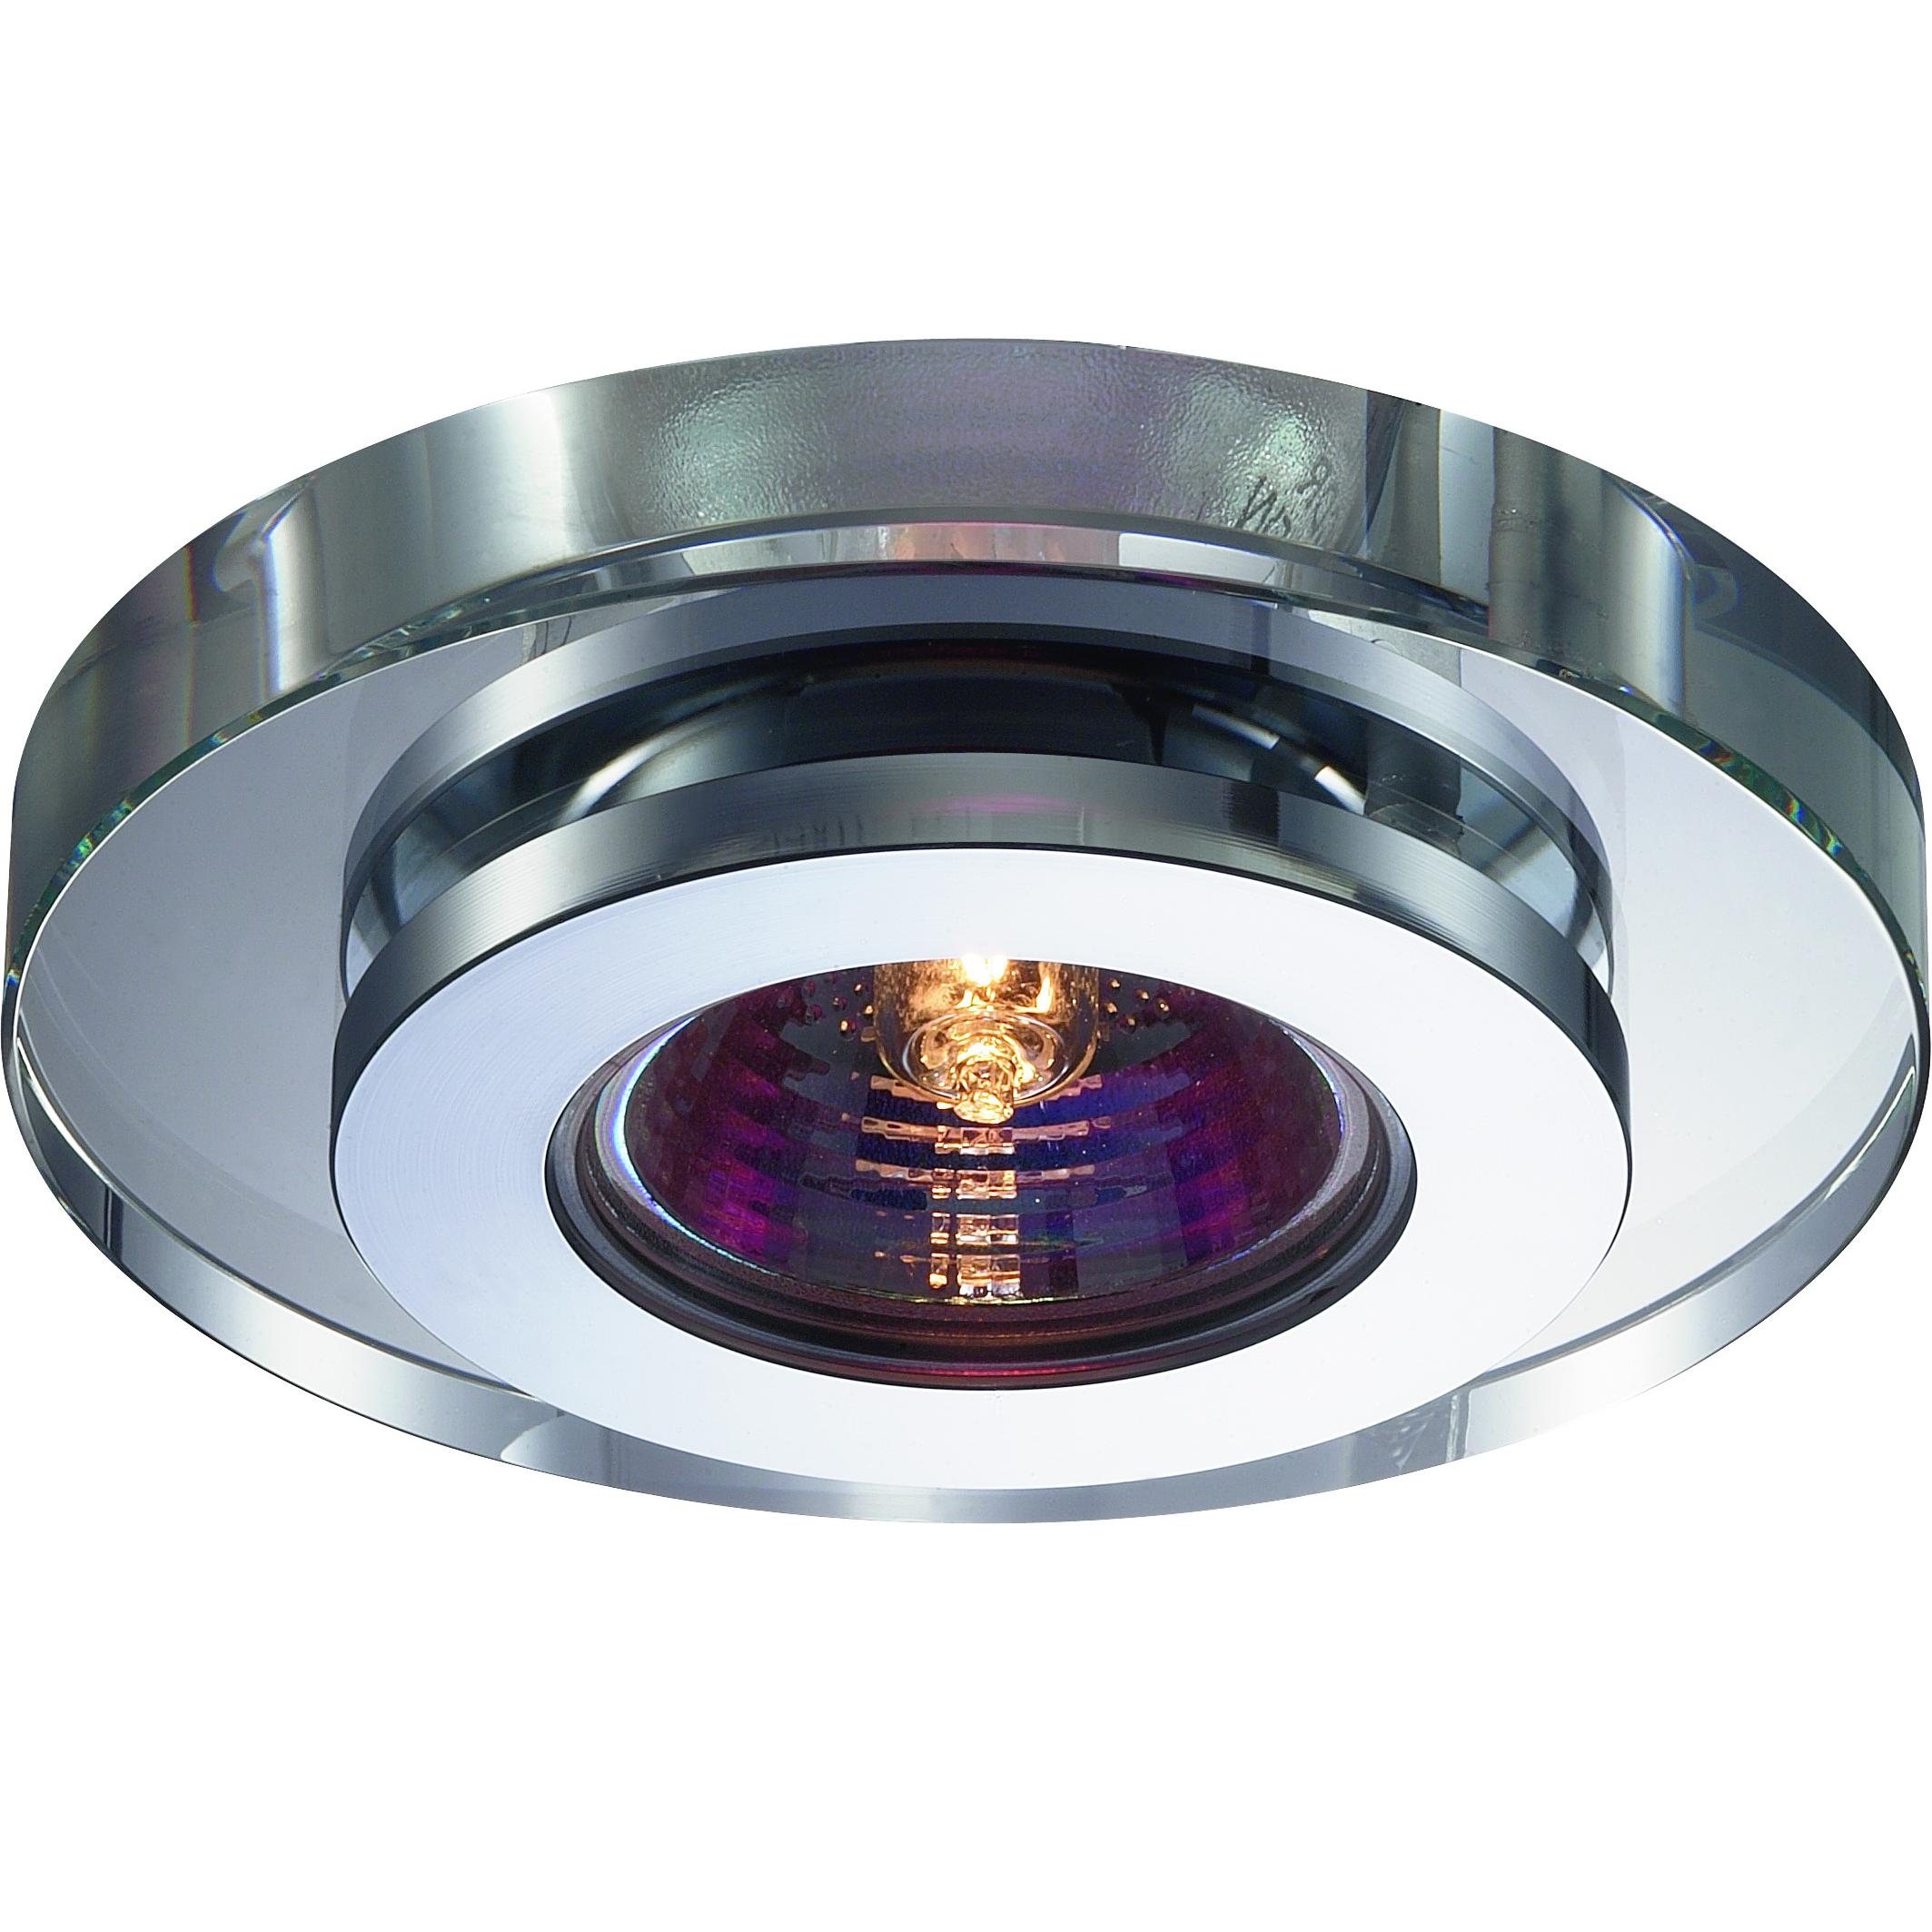 Светильник встраиваемый Novotech Cosmo nt10 111 369409 встраиваемый светильник novotech cosmo 369408